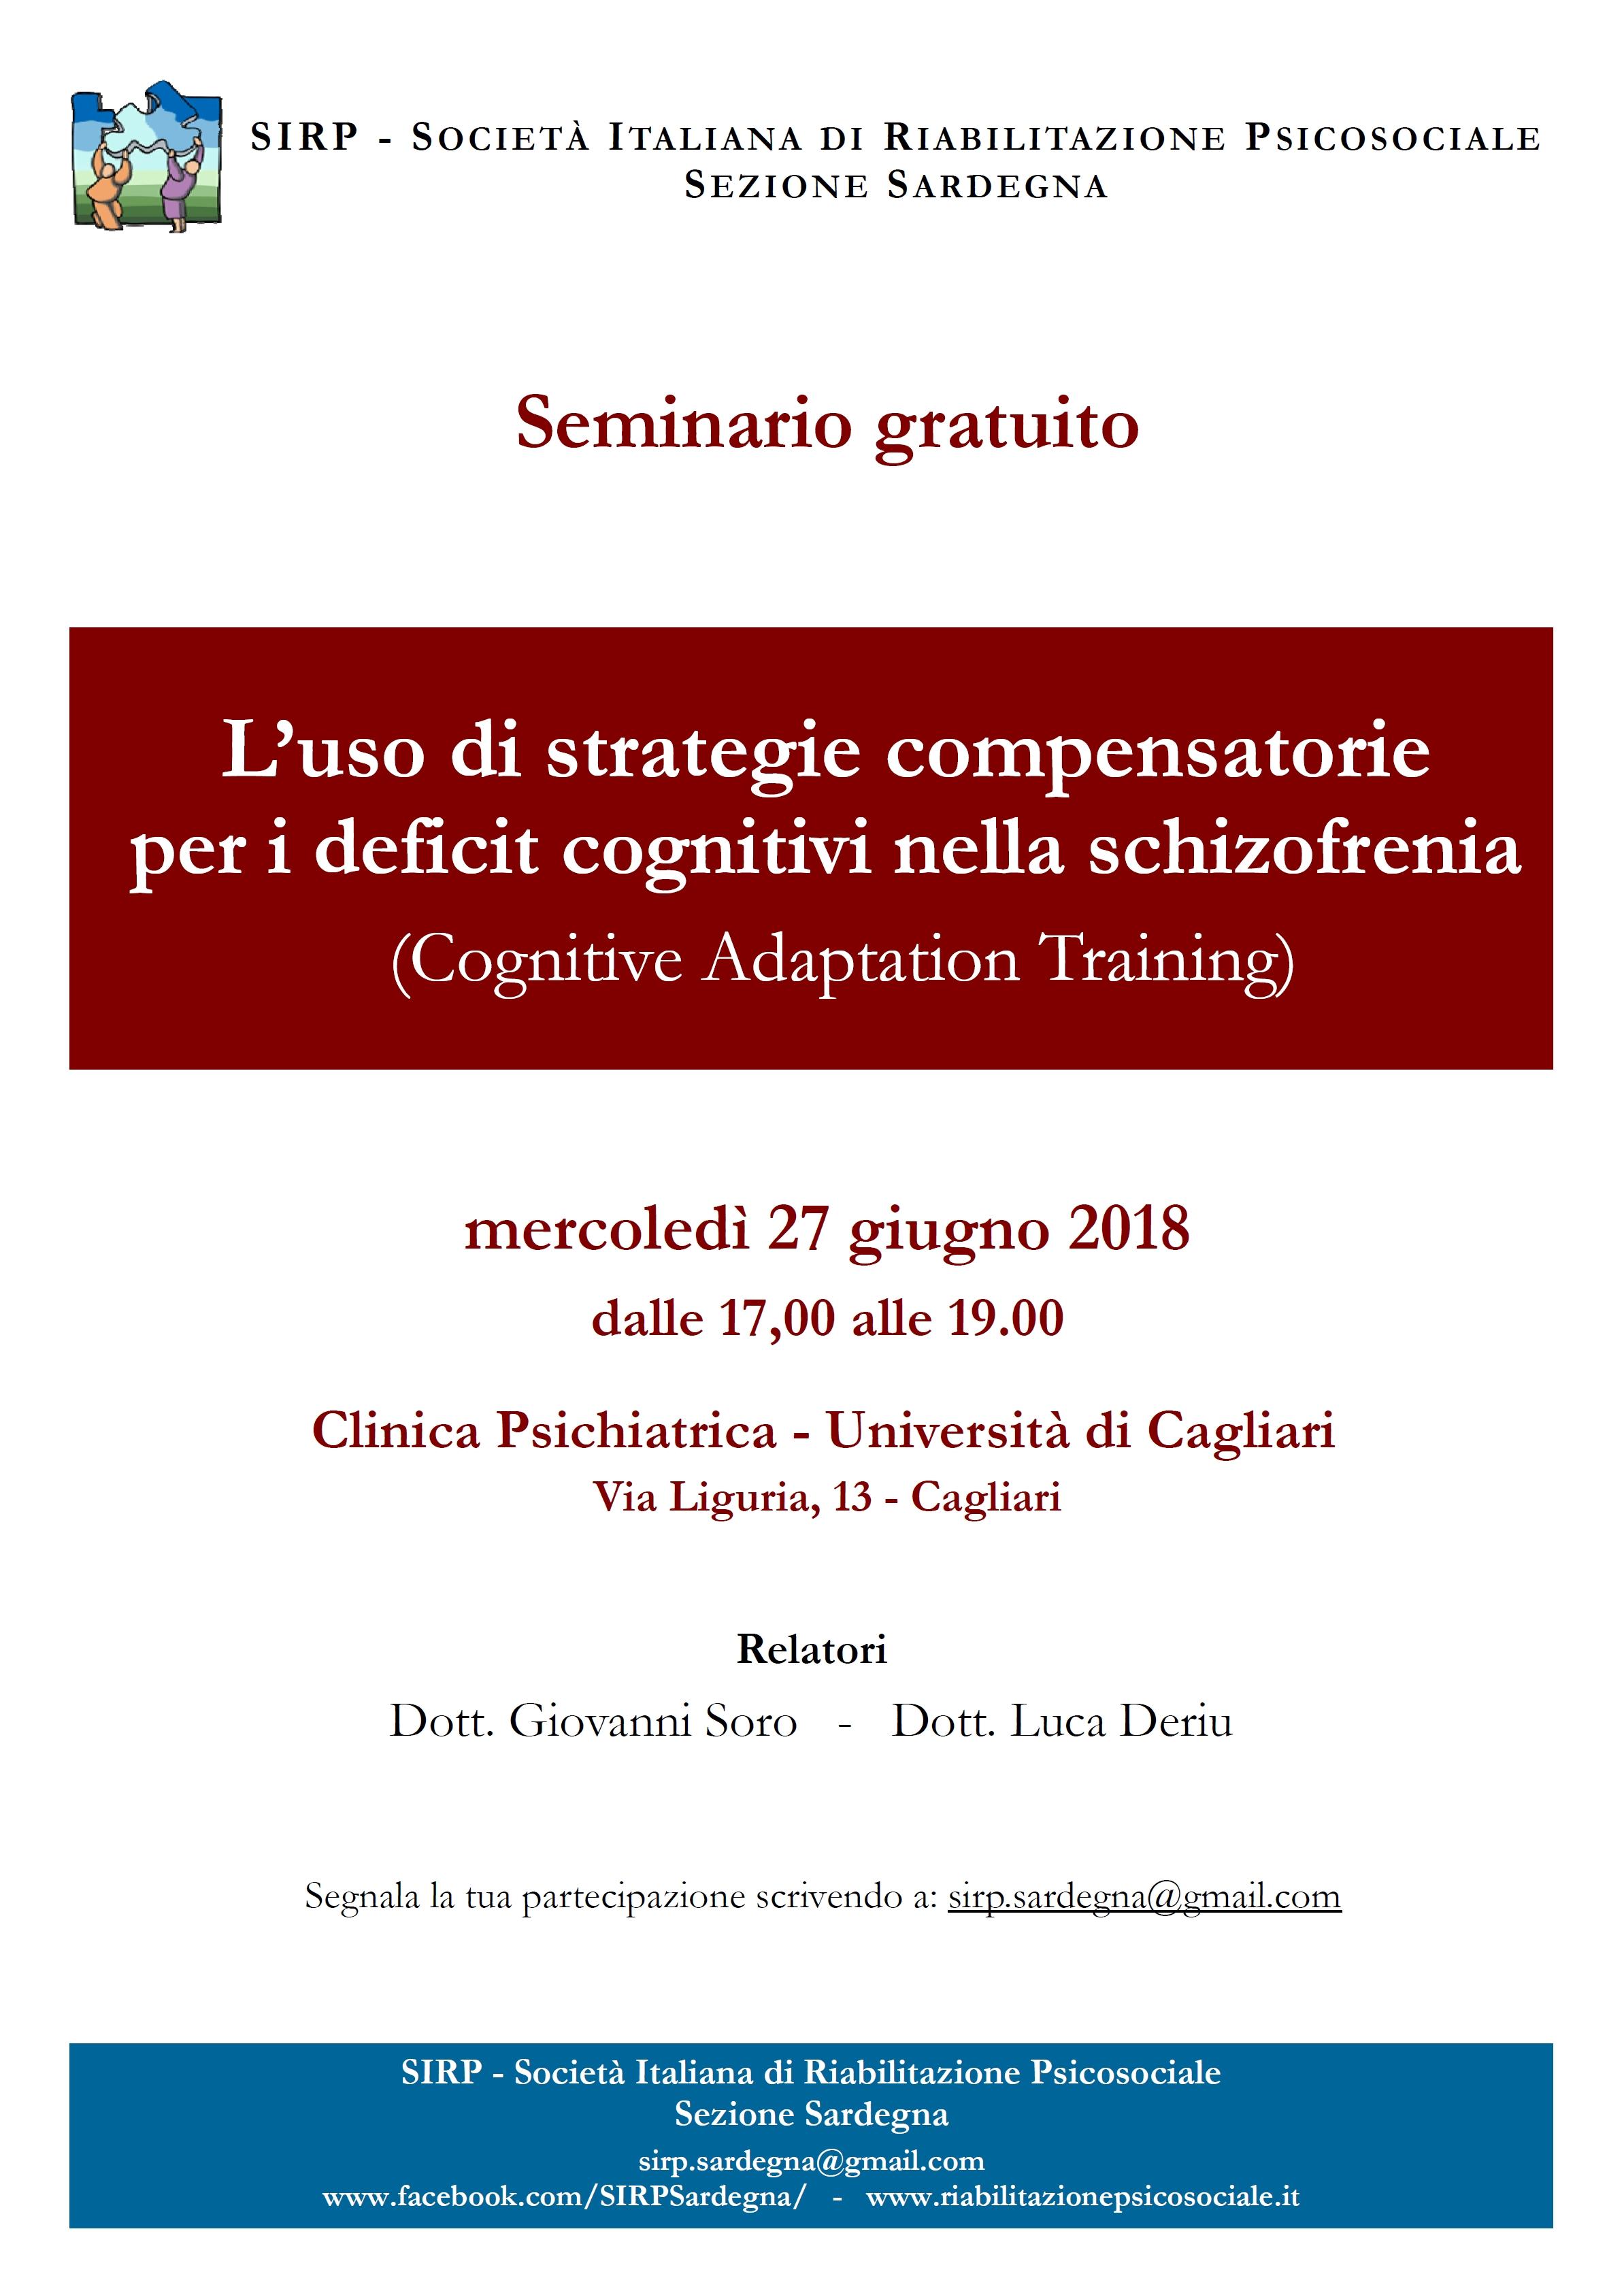 """Seminario gratuito SIRP – Sezione Sardegna: """"L'uso di strategie compensatorie per i deficit cognitivi nella schizofrenia"""" – Cagliari, 27 giugno 2018"""